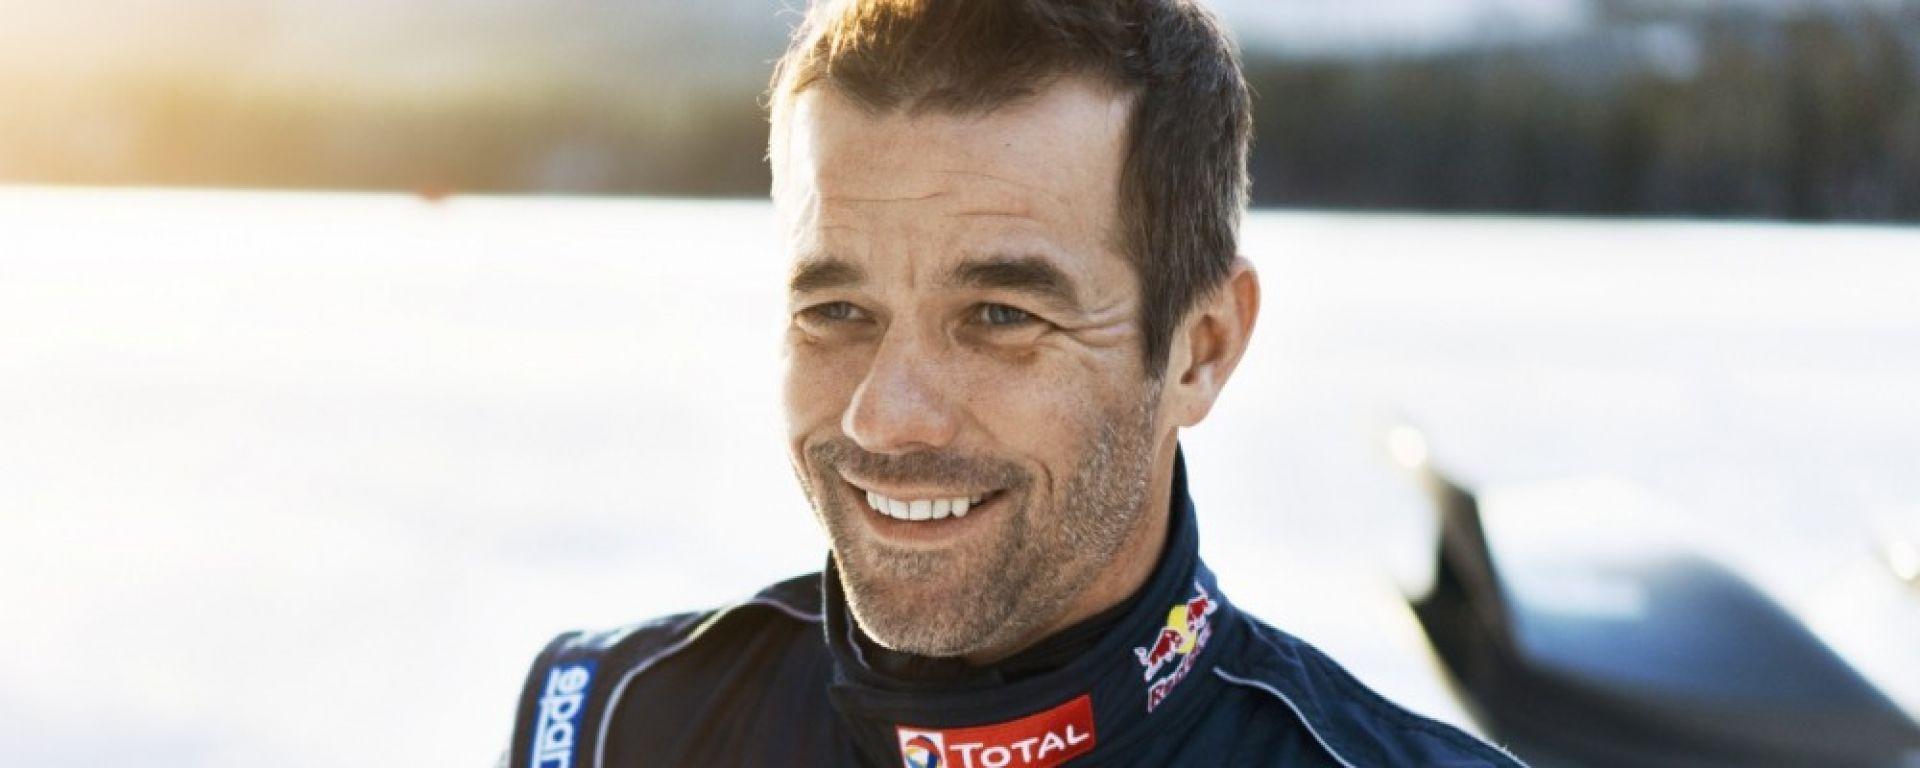 Sébastien Loeb  #9